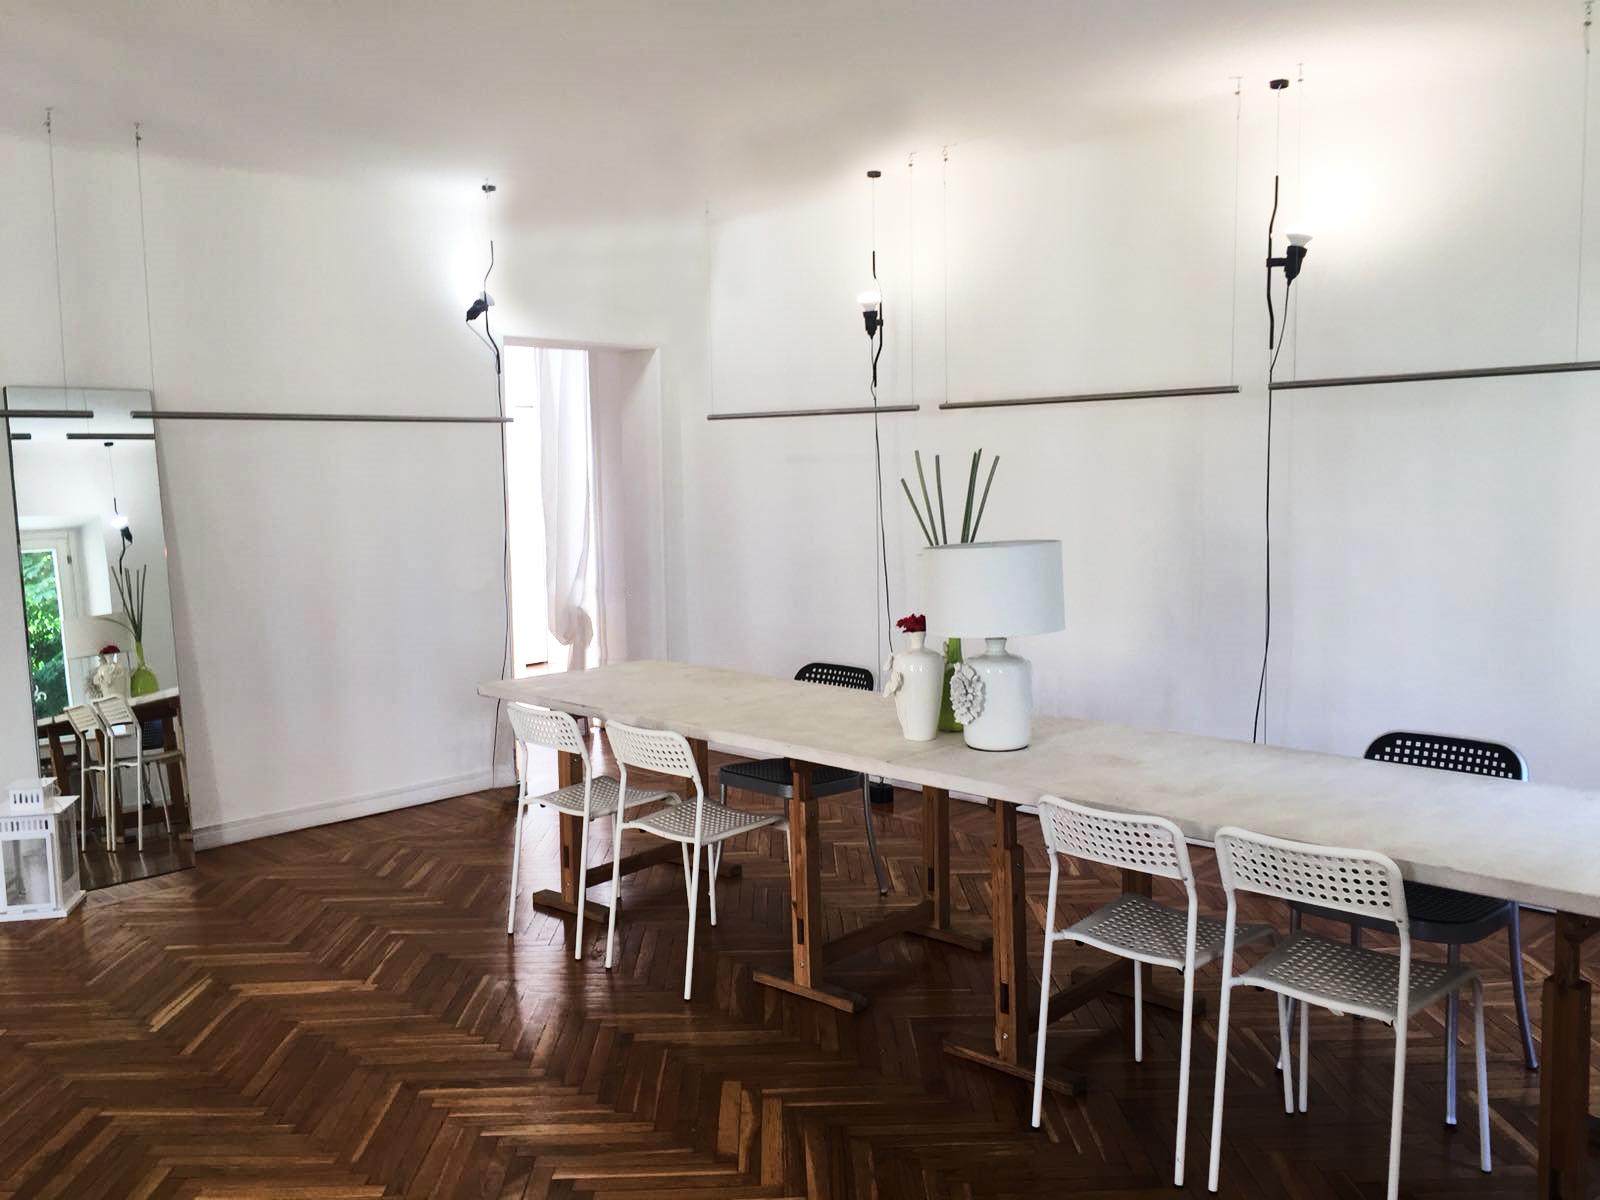 Showroom D'Avant Garde Tricot a Milano in Via della Spiga, 1